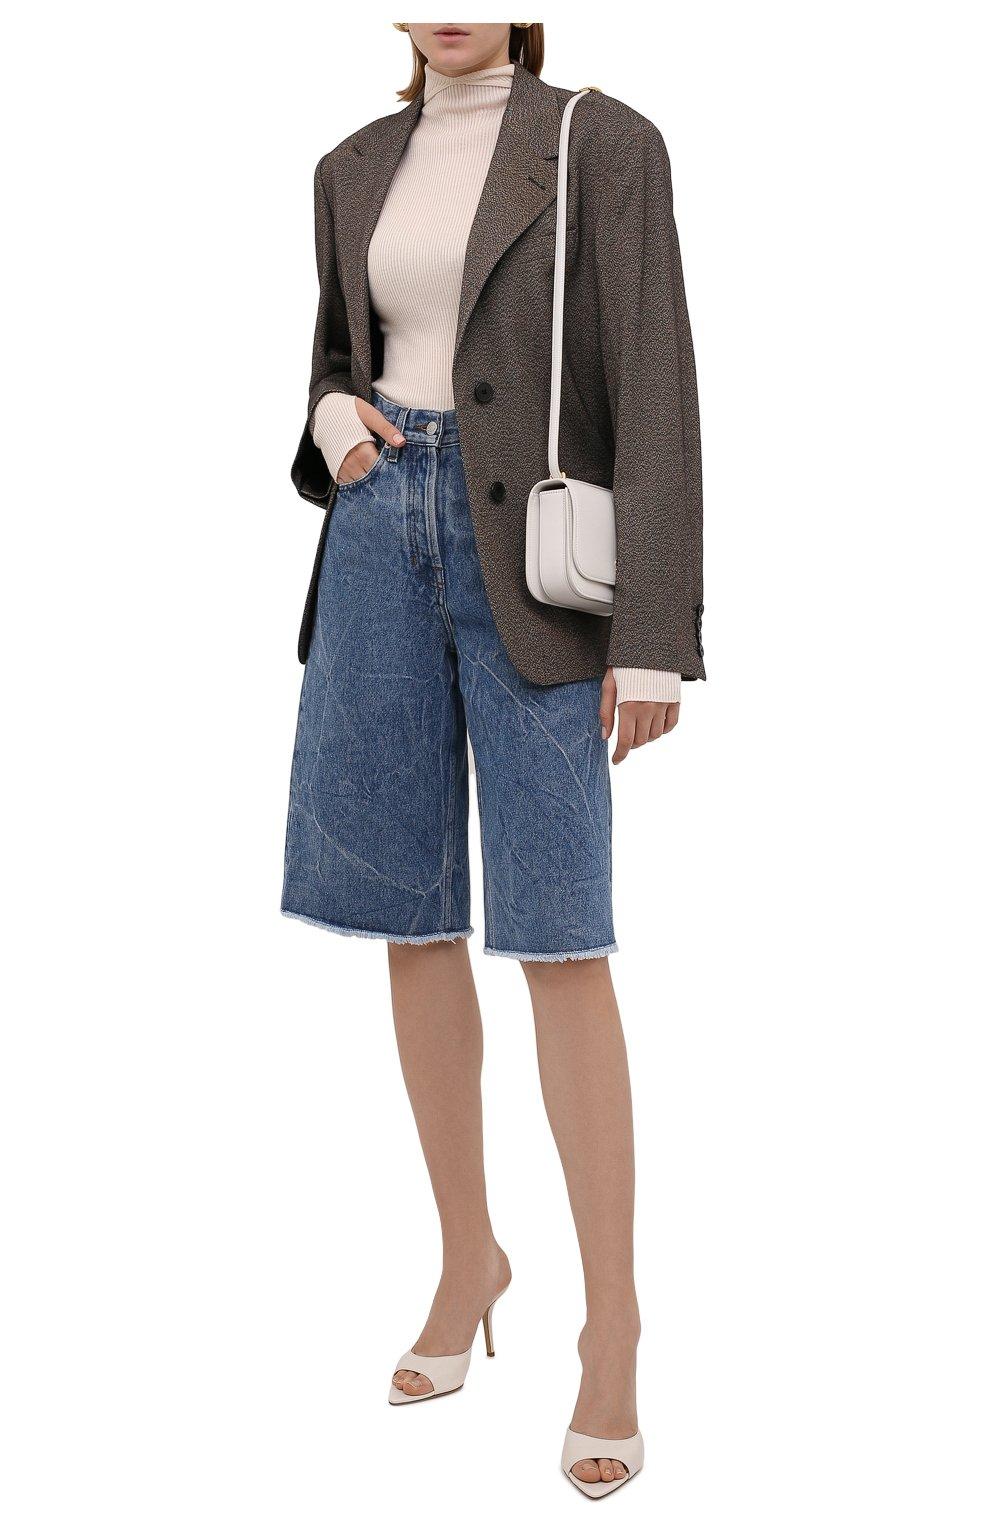 Женские джинсовые шорты DRIES VAN NOTEN синего цвета, арт. 212-012406-3381   Фото 2 (Женское Кросс-КТ: Шорты-одежда; Кросс-КТ: Деним; Стили: Гранж; Материал внешний: Хлопок; Длина Ж (юбки, платья, шорты): Миди)